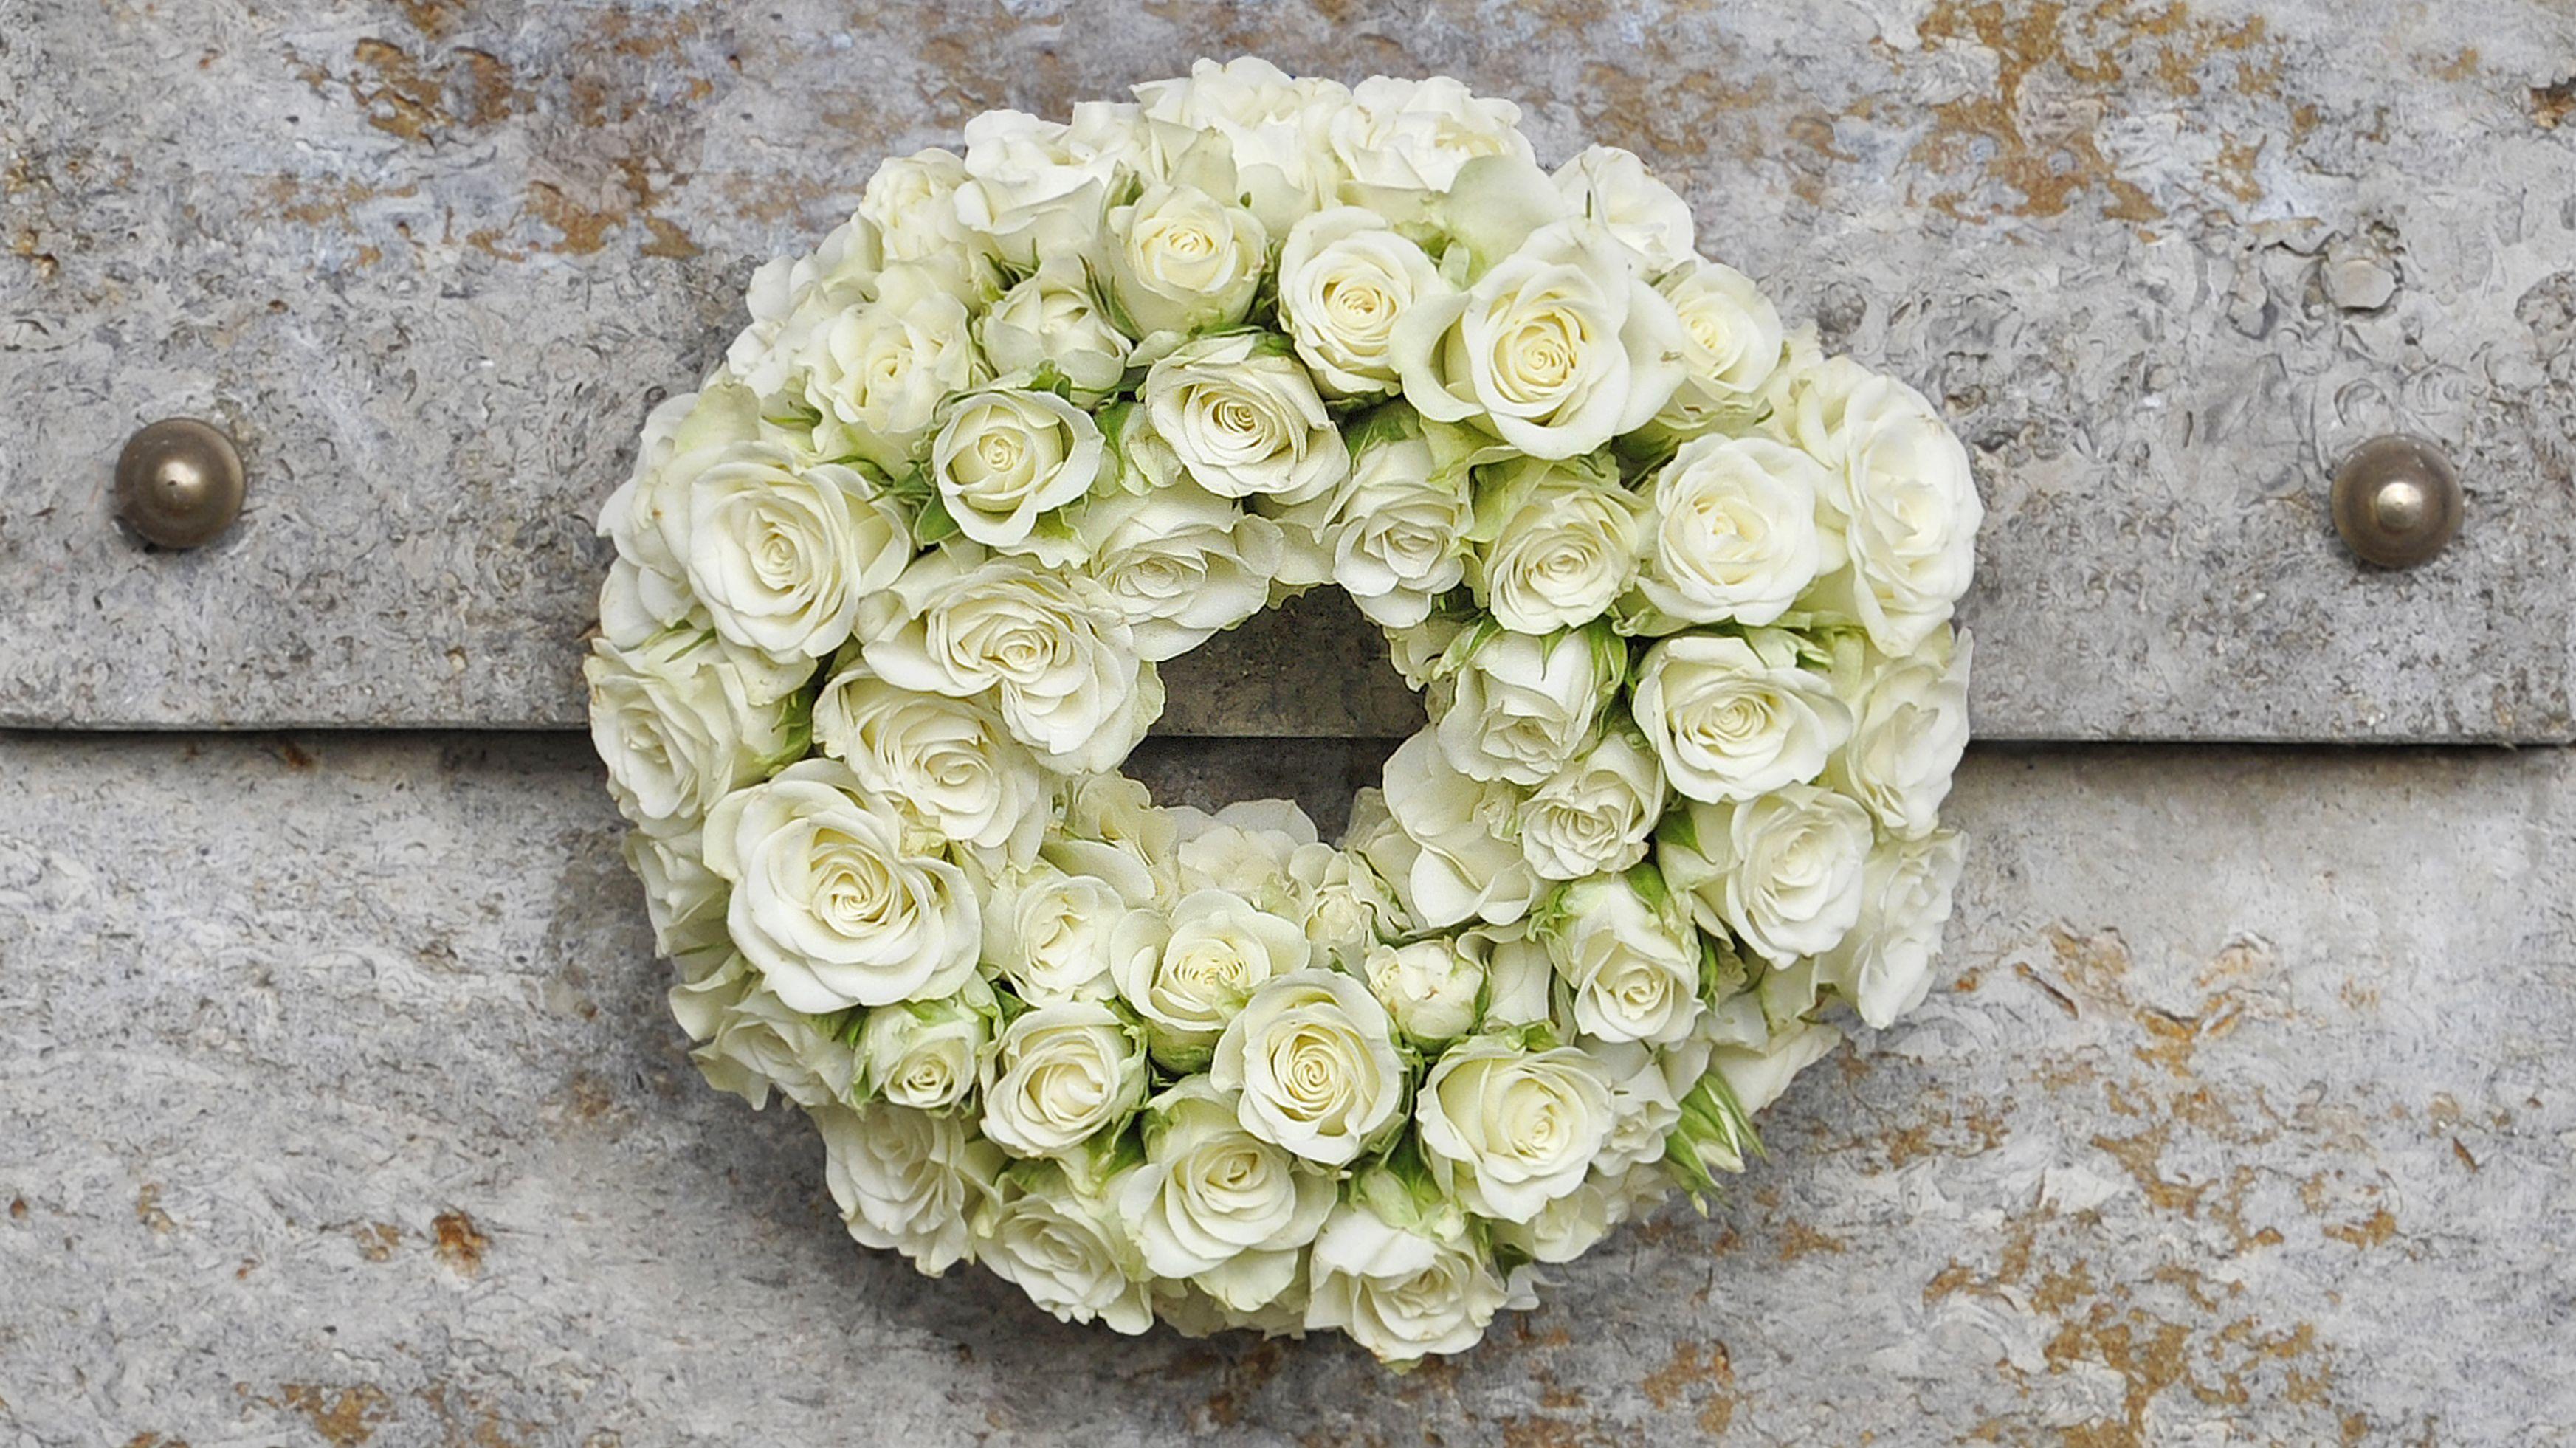 Blumenkranz auf einem Grab (Symbolbild)